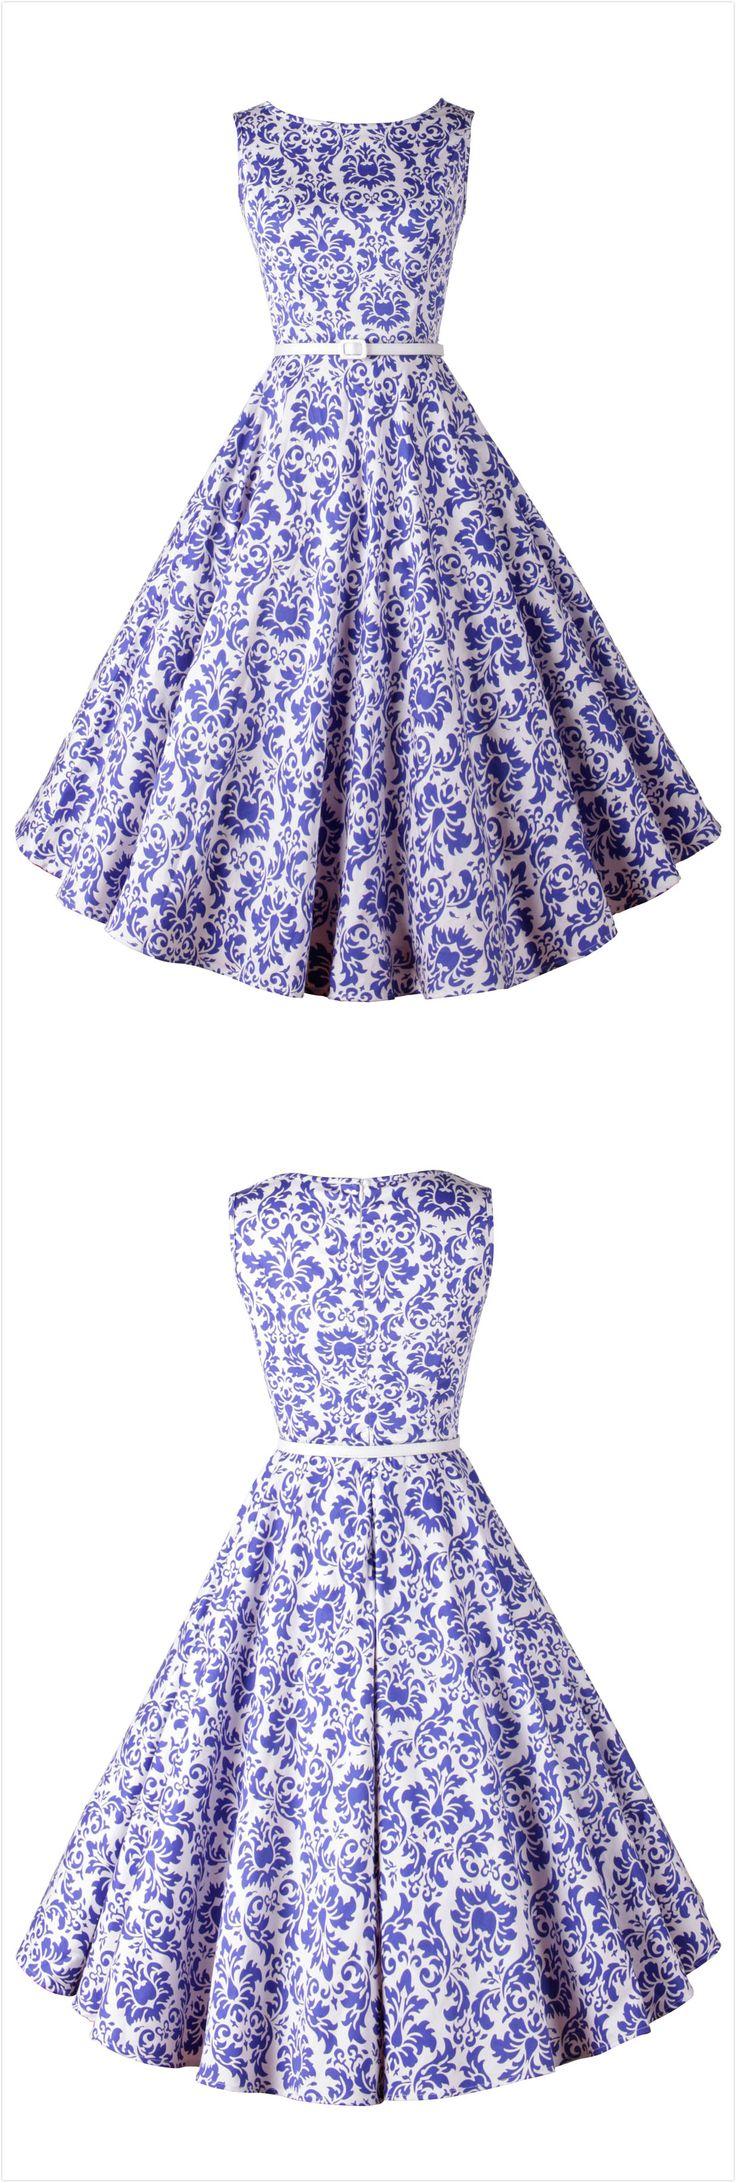 Blue White Porcelain Sleeveless Swing Dress